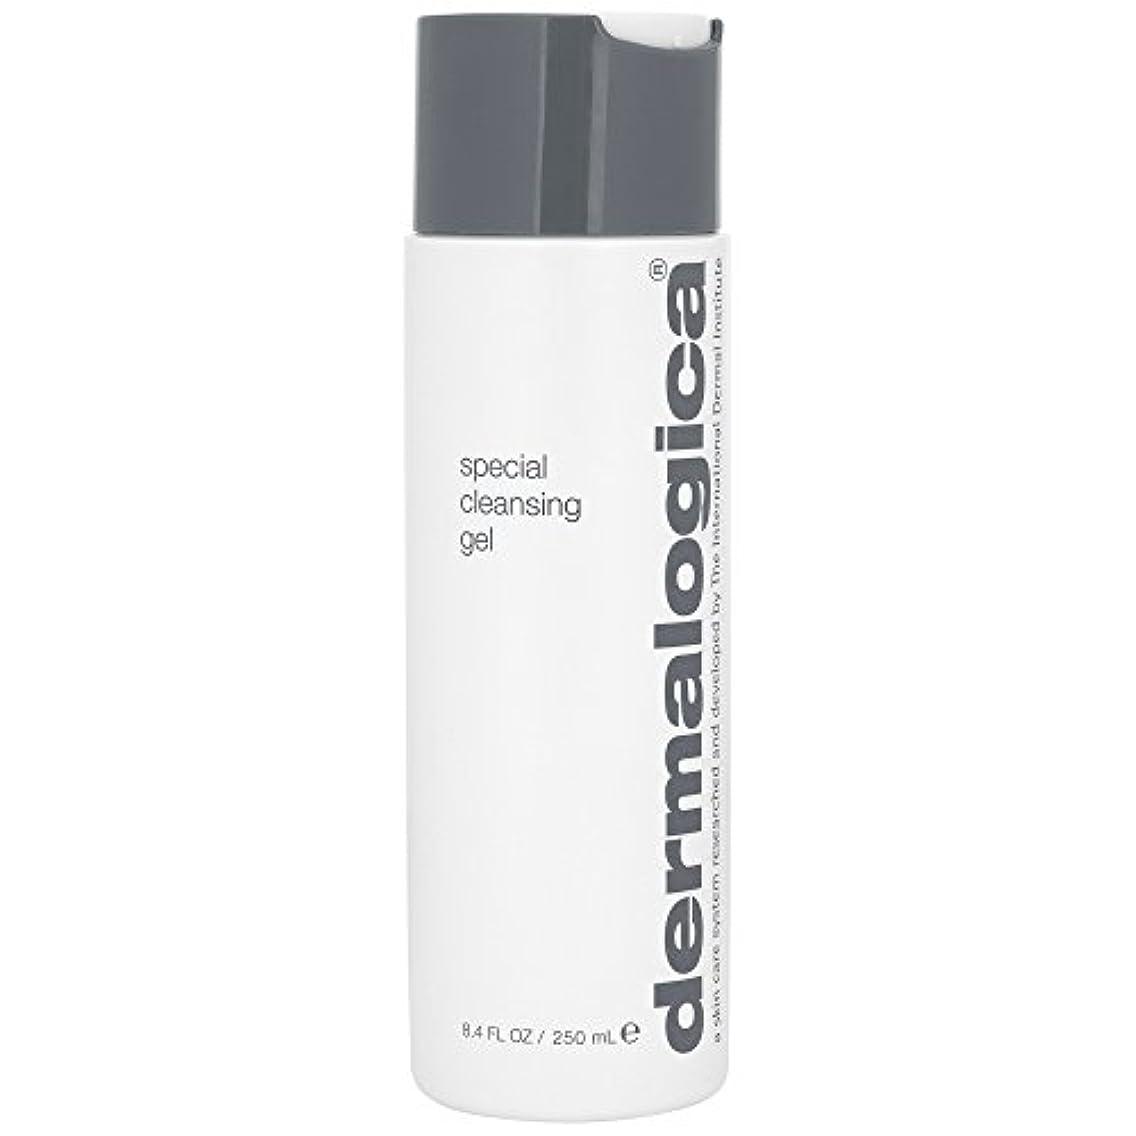 静けさうん描くダーマロジカ特別なクレンジングゲル250ミリリットル (Dermalogica) - Dermalogica Special Cleansing Gel 250ml [並行輸入品]